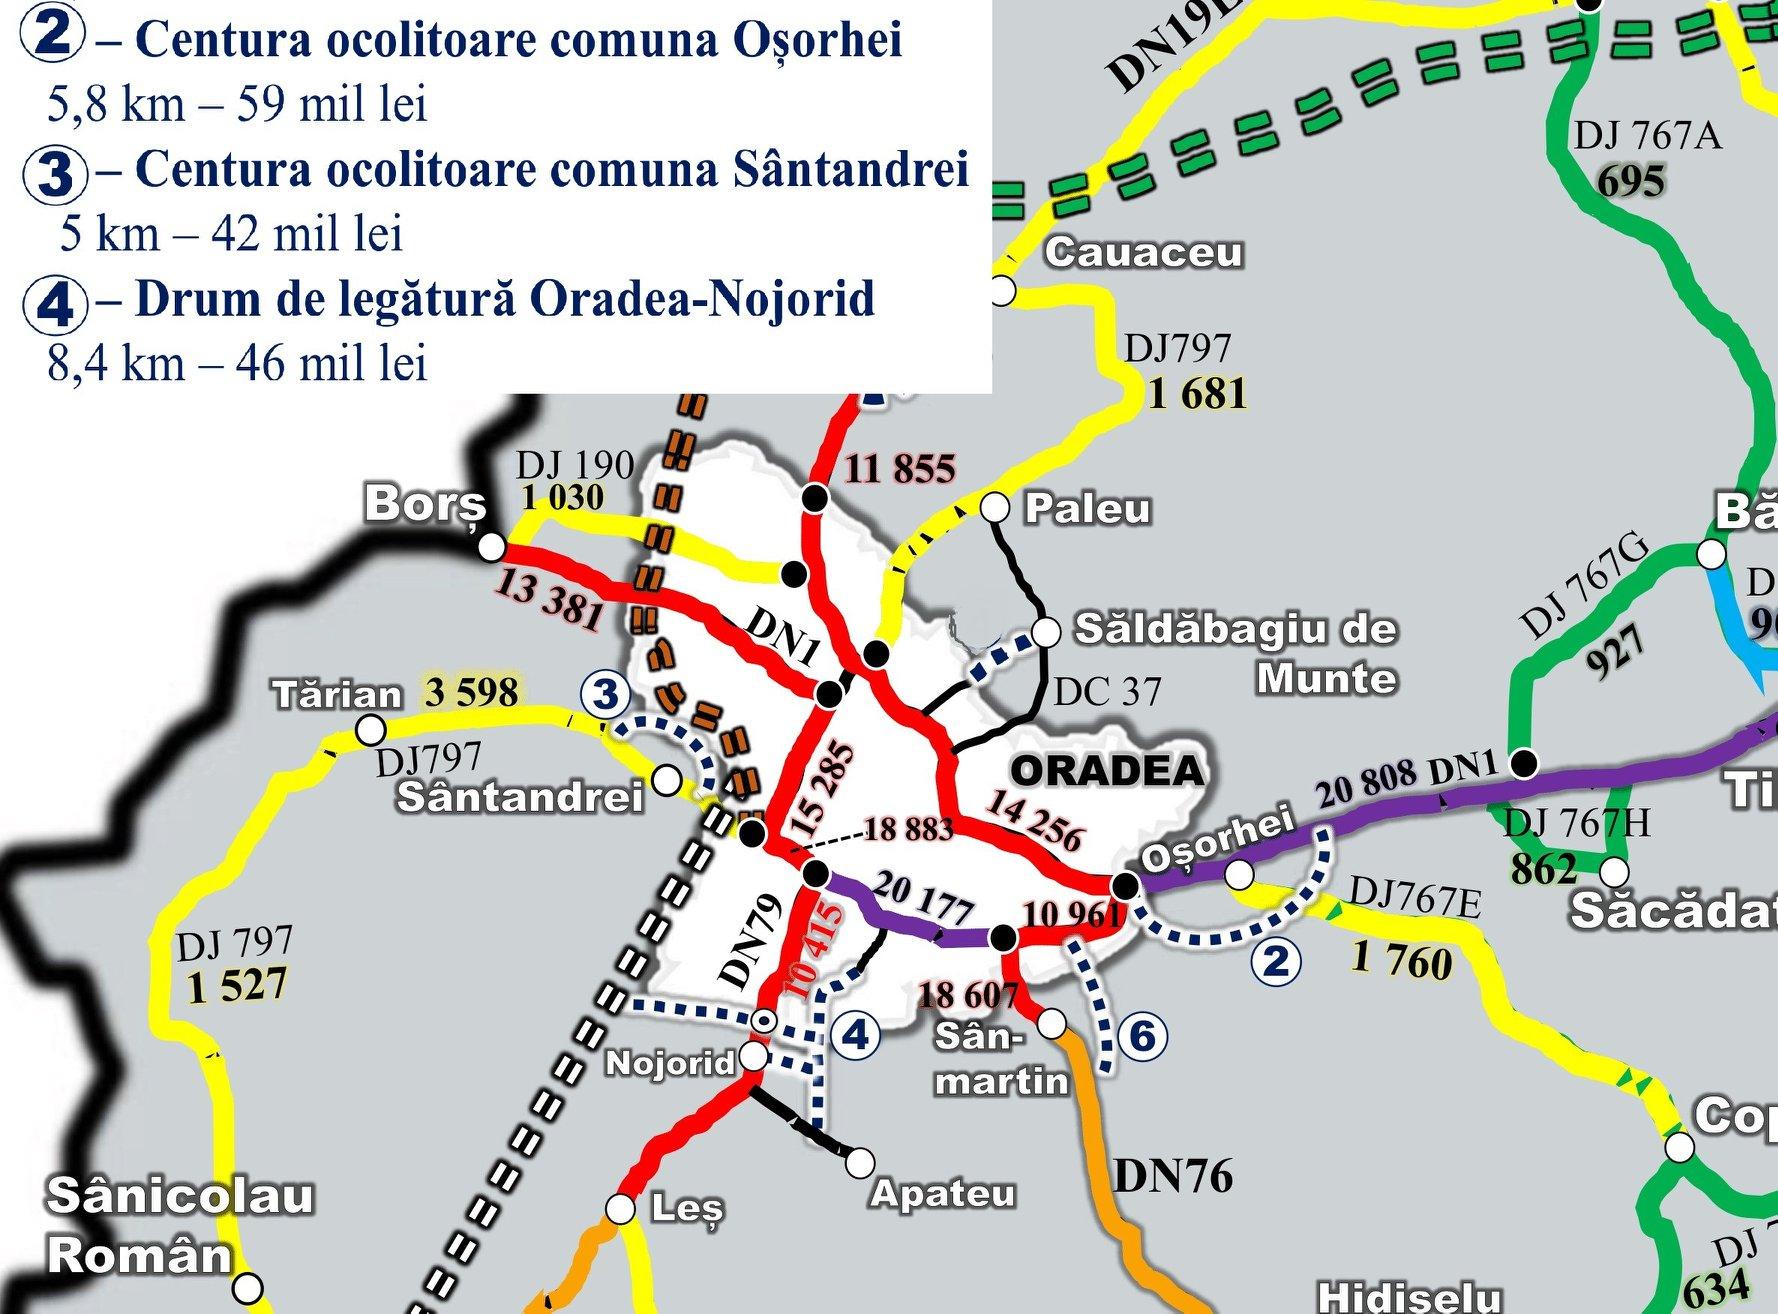 Sectoare de drum solicitate primăriilor din Zona Metropolitană Oradea, pentru centuri ocolitoare cu fonduri UE